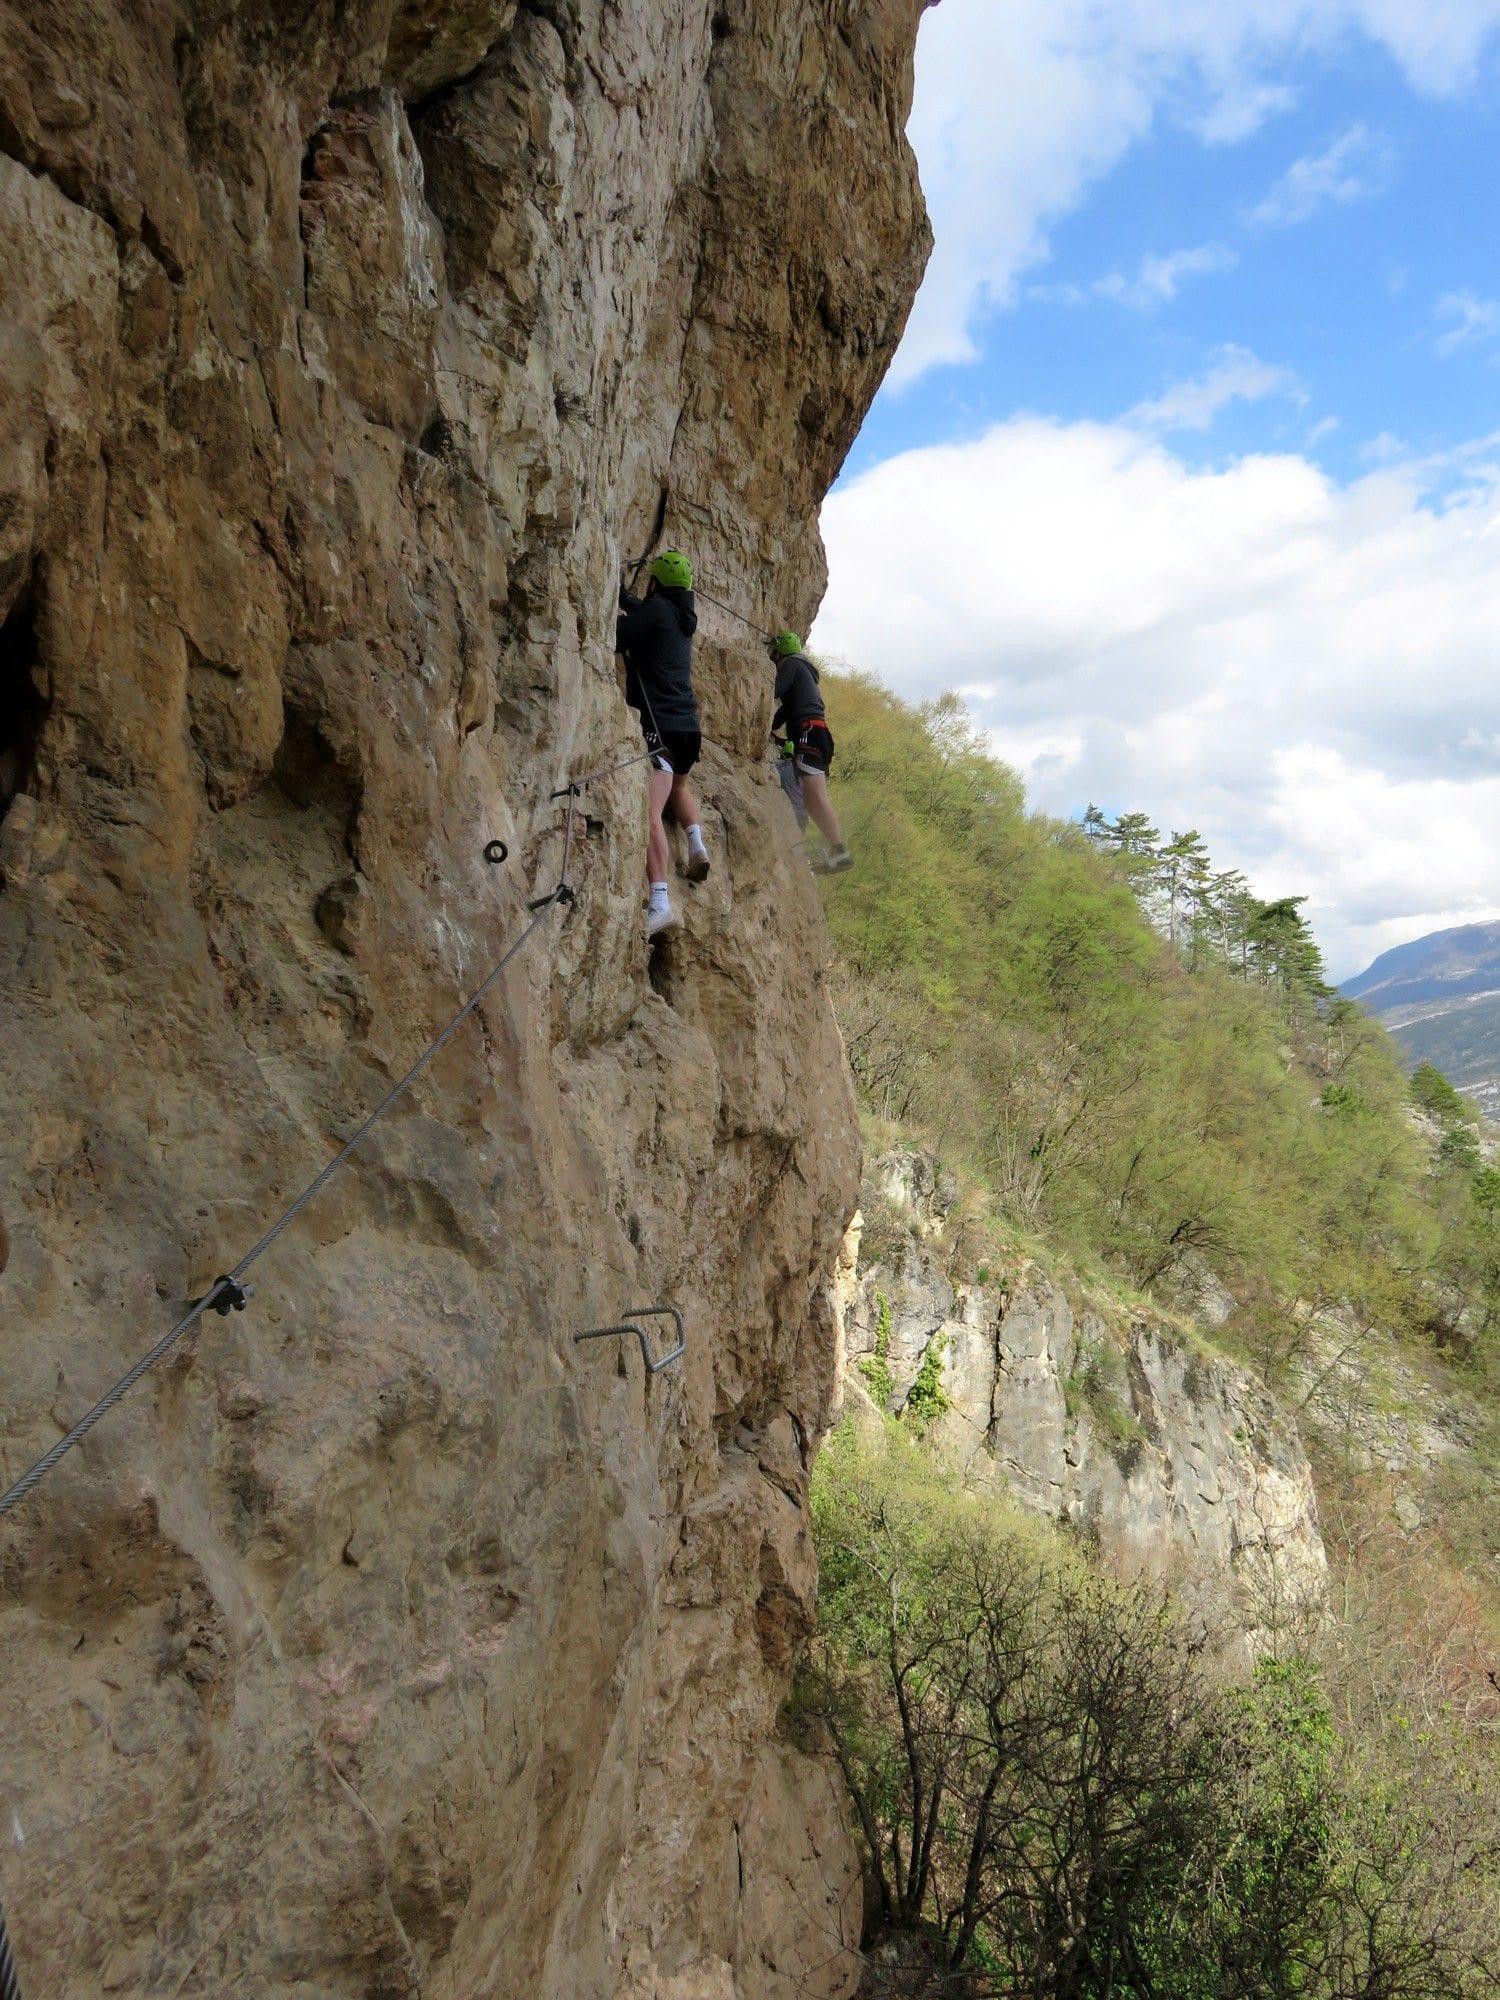 ויה פראטה Monte Albano - טיולי אתגר באיטליה - ערוצים בטבע